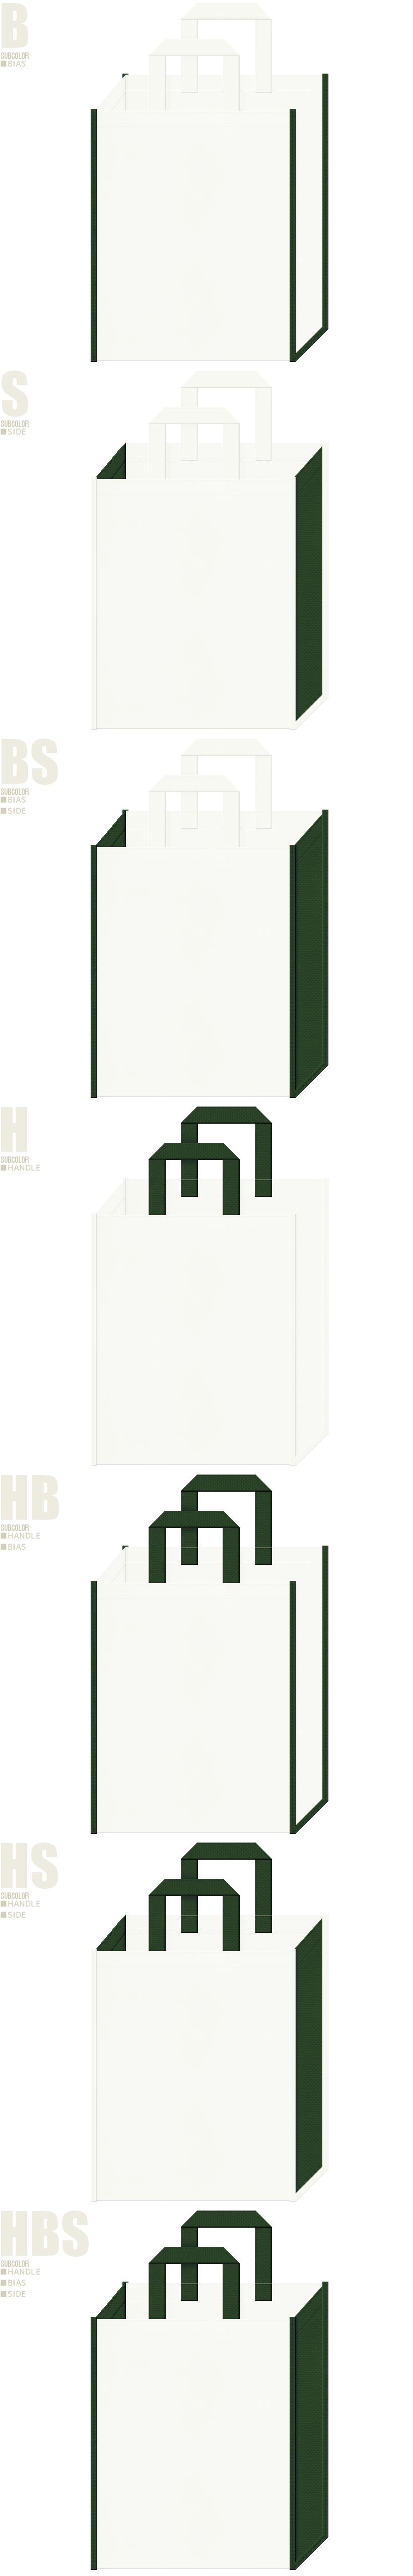 オフホワイト色と濃緑色、7パターンの不織布トートバッグ配色デザイン例。医療器具・医薬品の展示会用バッグ、学校・オープンキャンパス用のバッグにお奨めです。